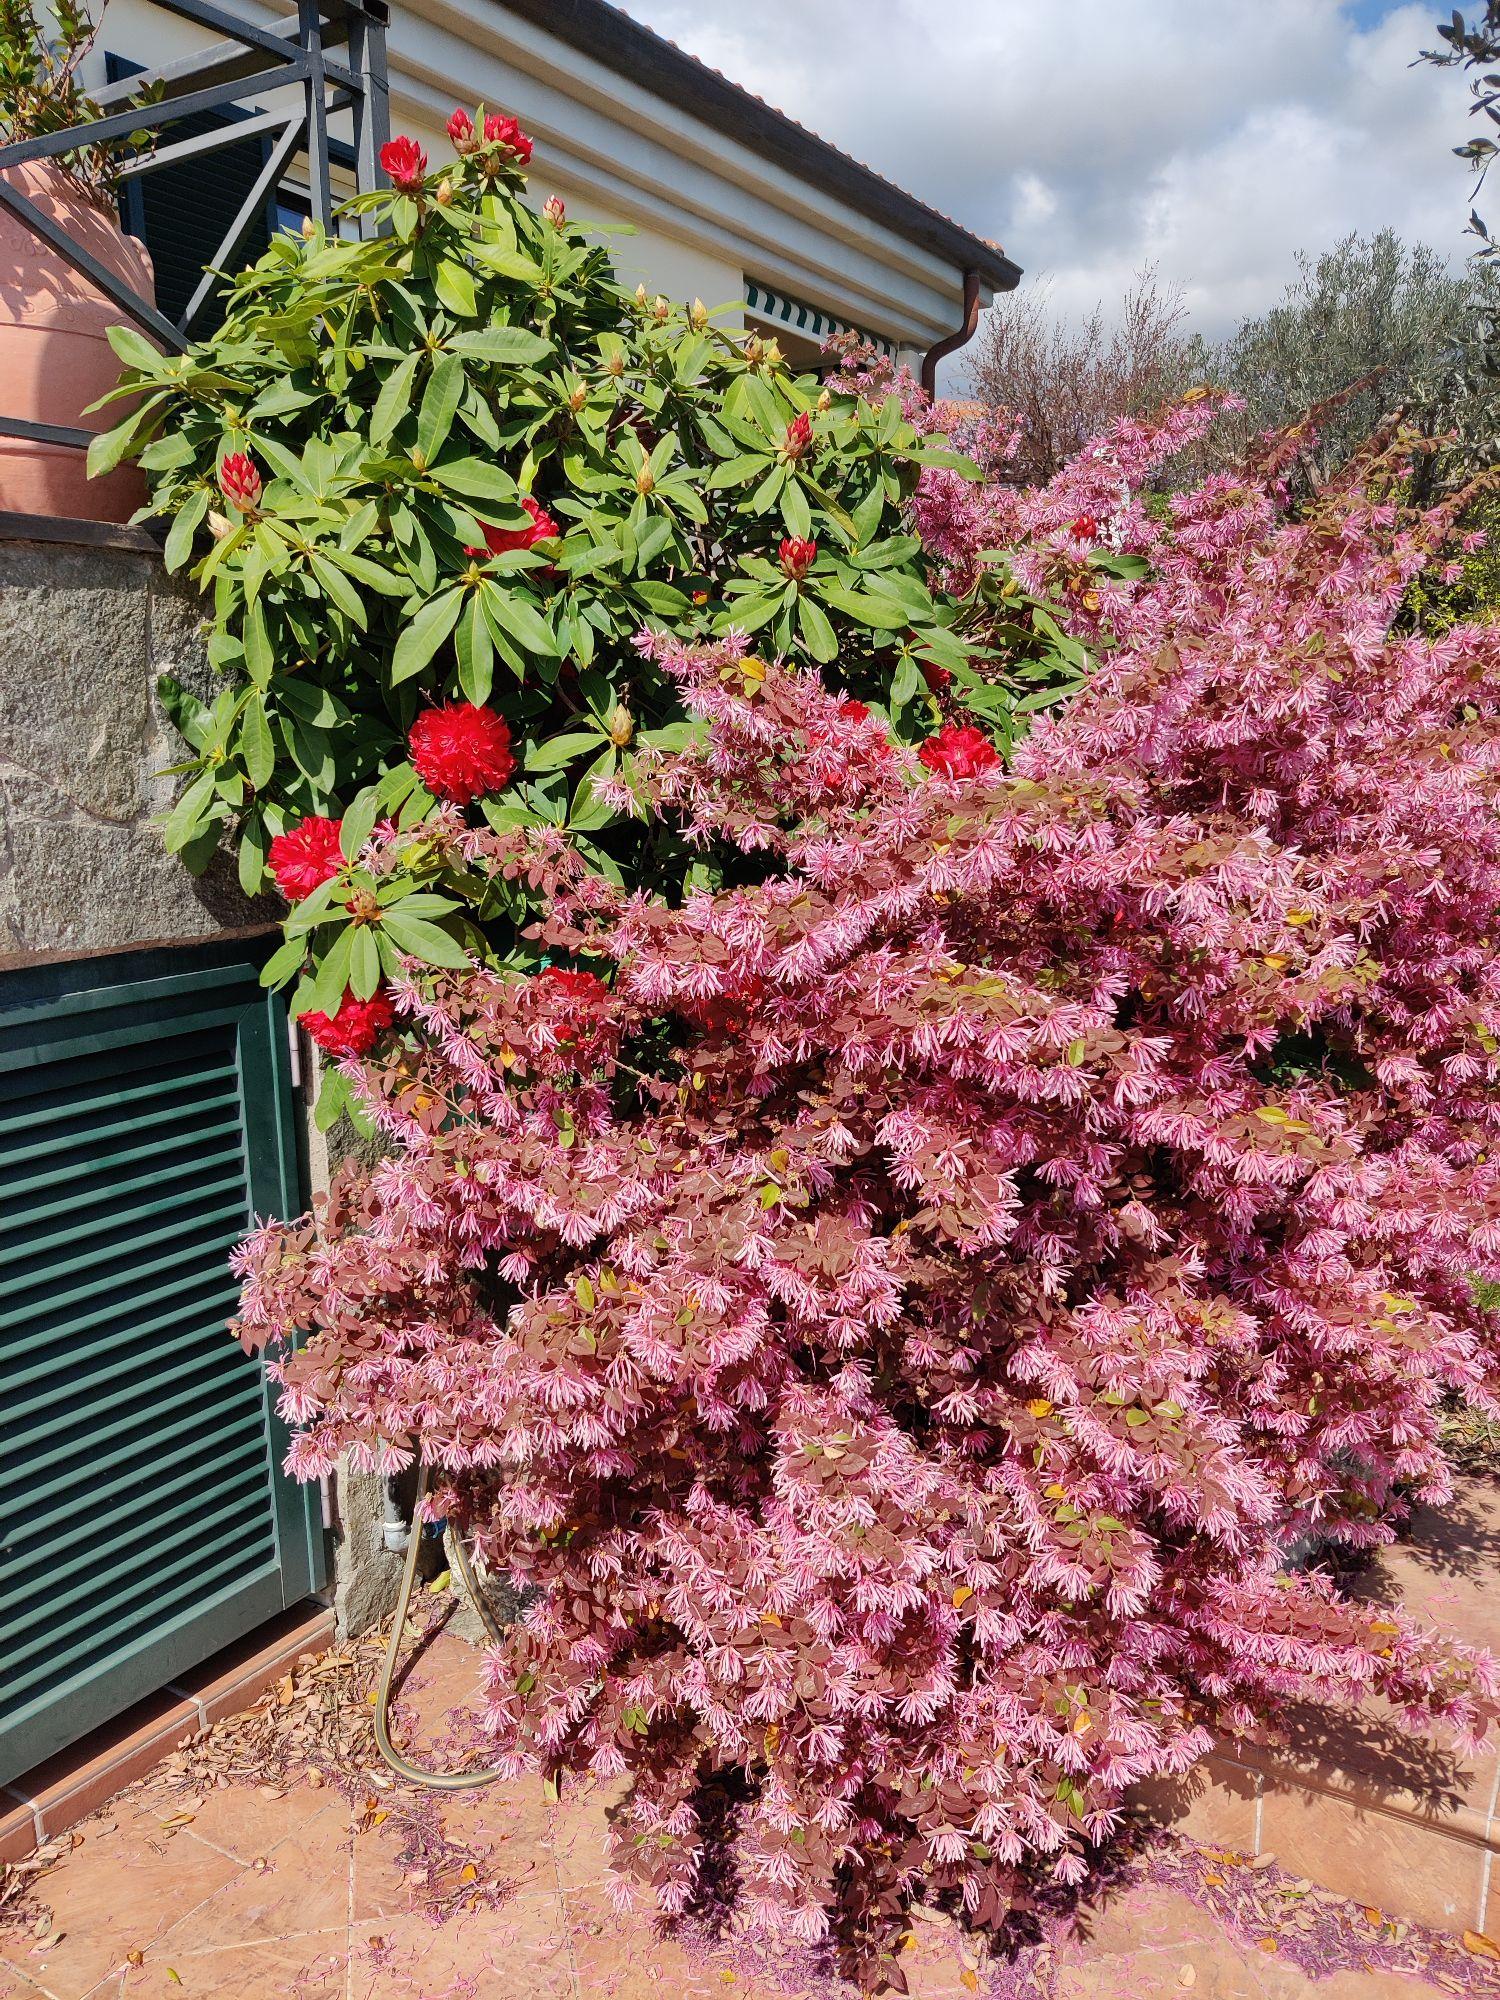 Эта красота в саду у соседей. Мой рододендрон ещё не цветет. Кустарник Гугл подсказал называется Loropetalum chinense. Редкой красоты и нежности, но без запаха.